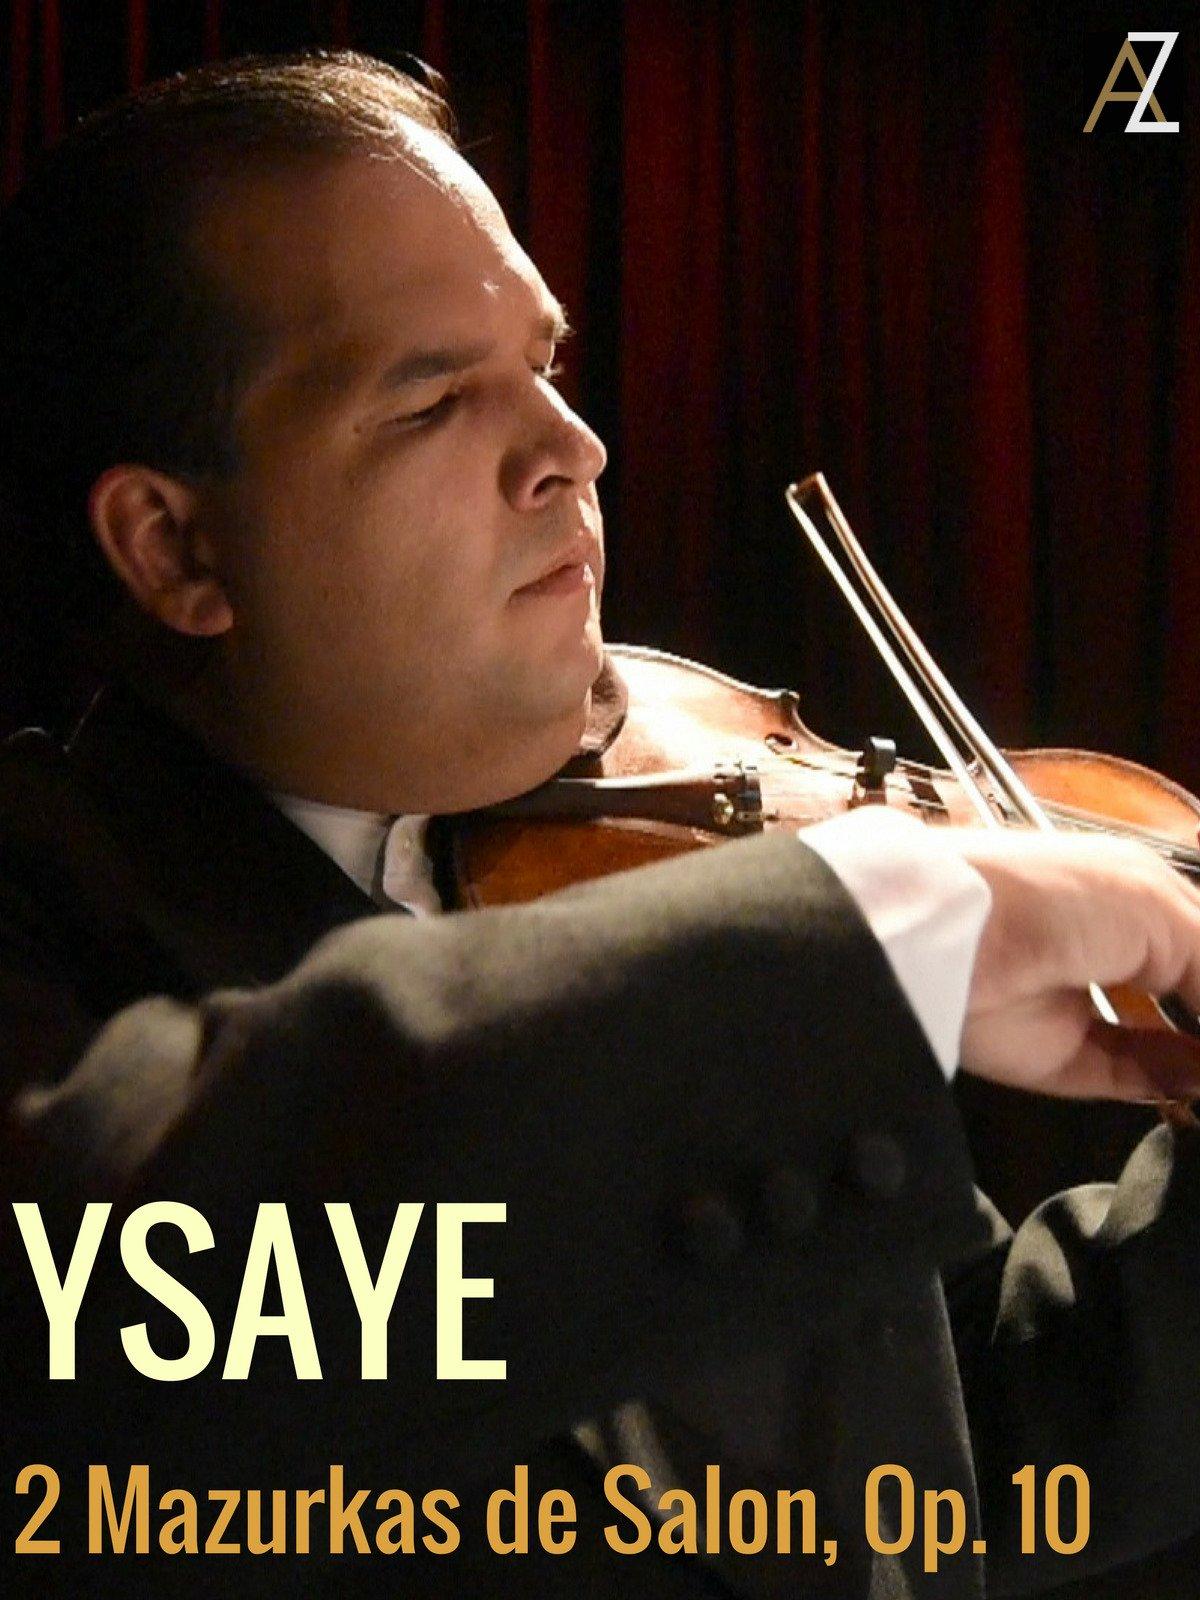 Ysaye: 2 Mazurkas de Salon, Op. 10